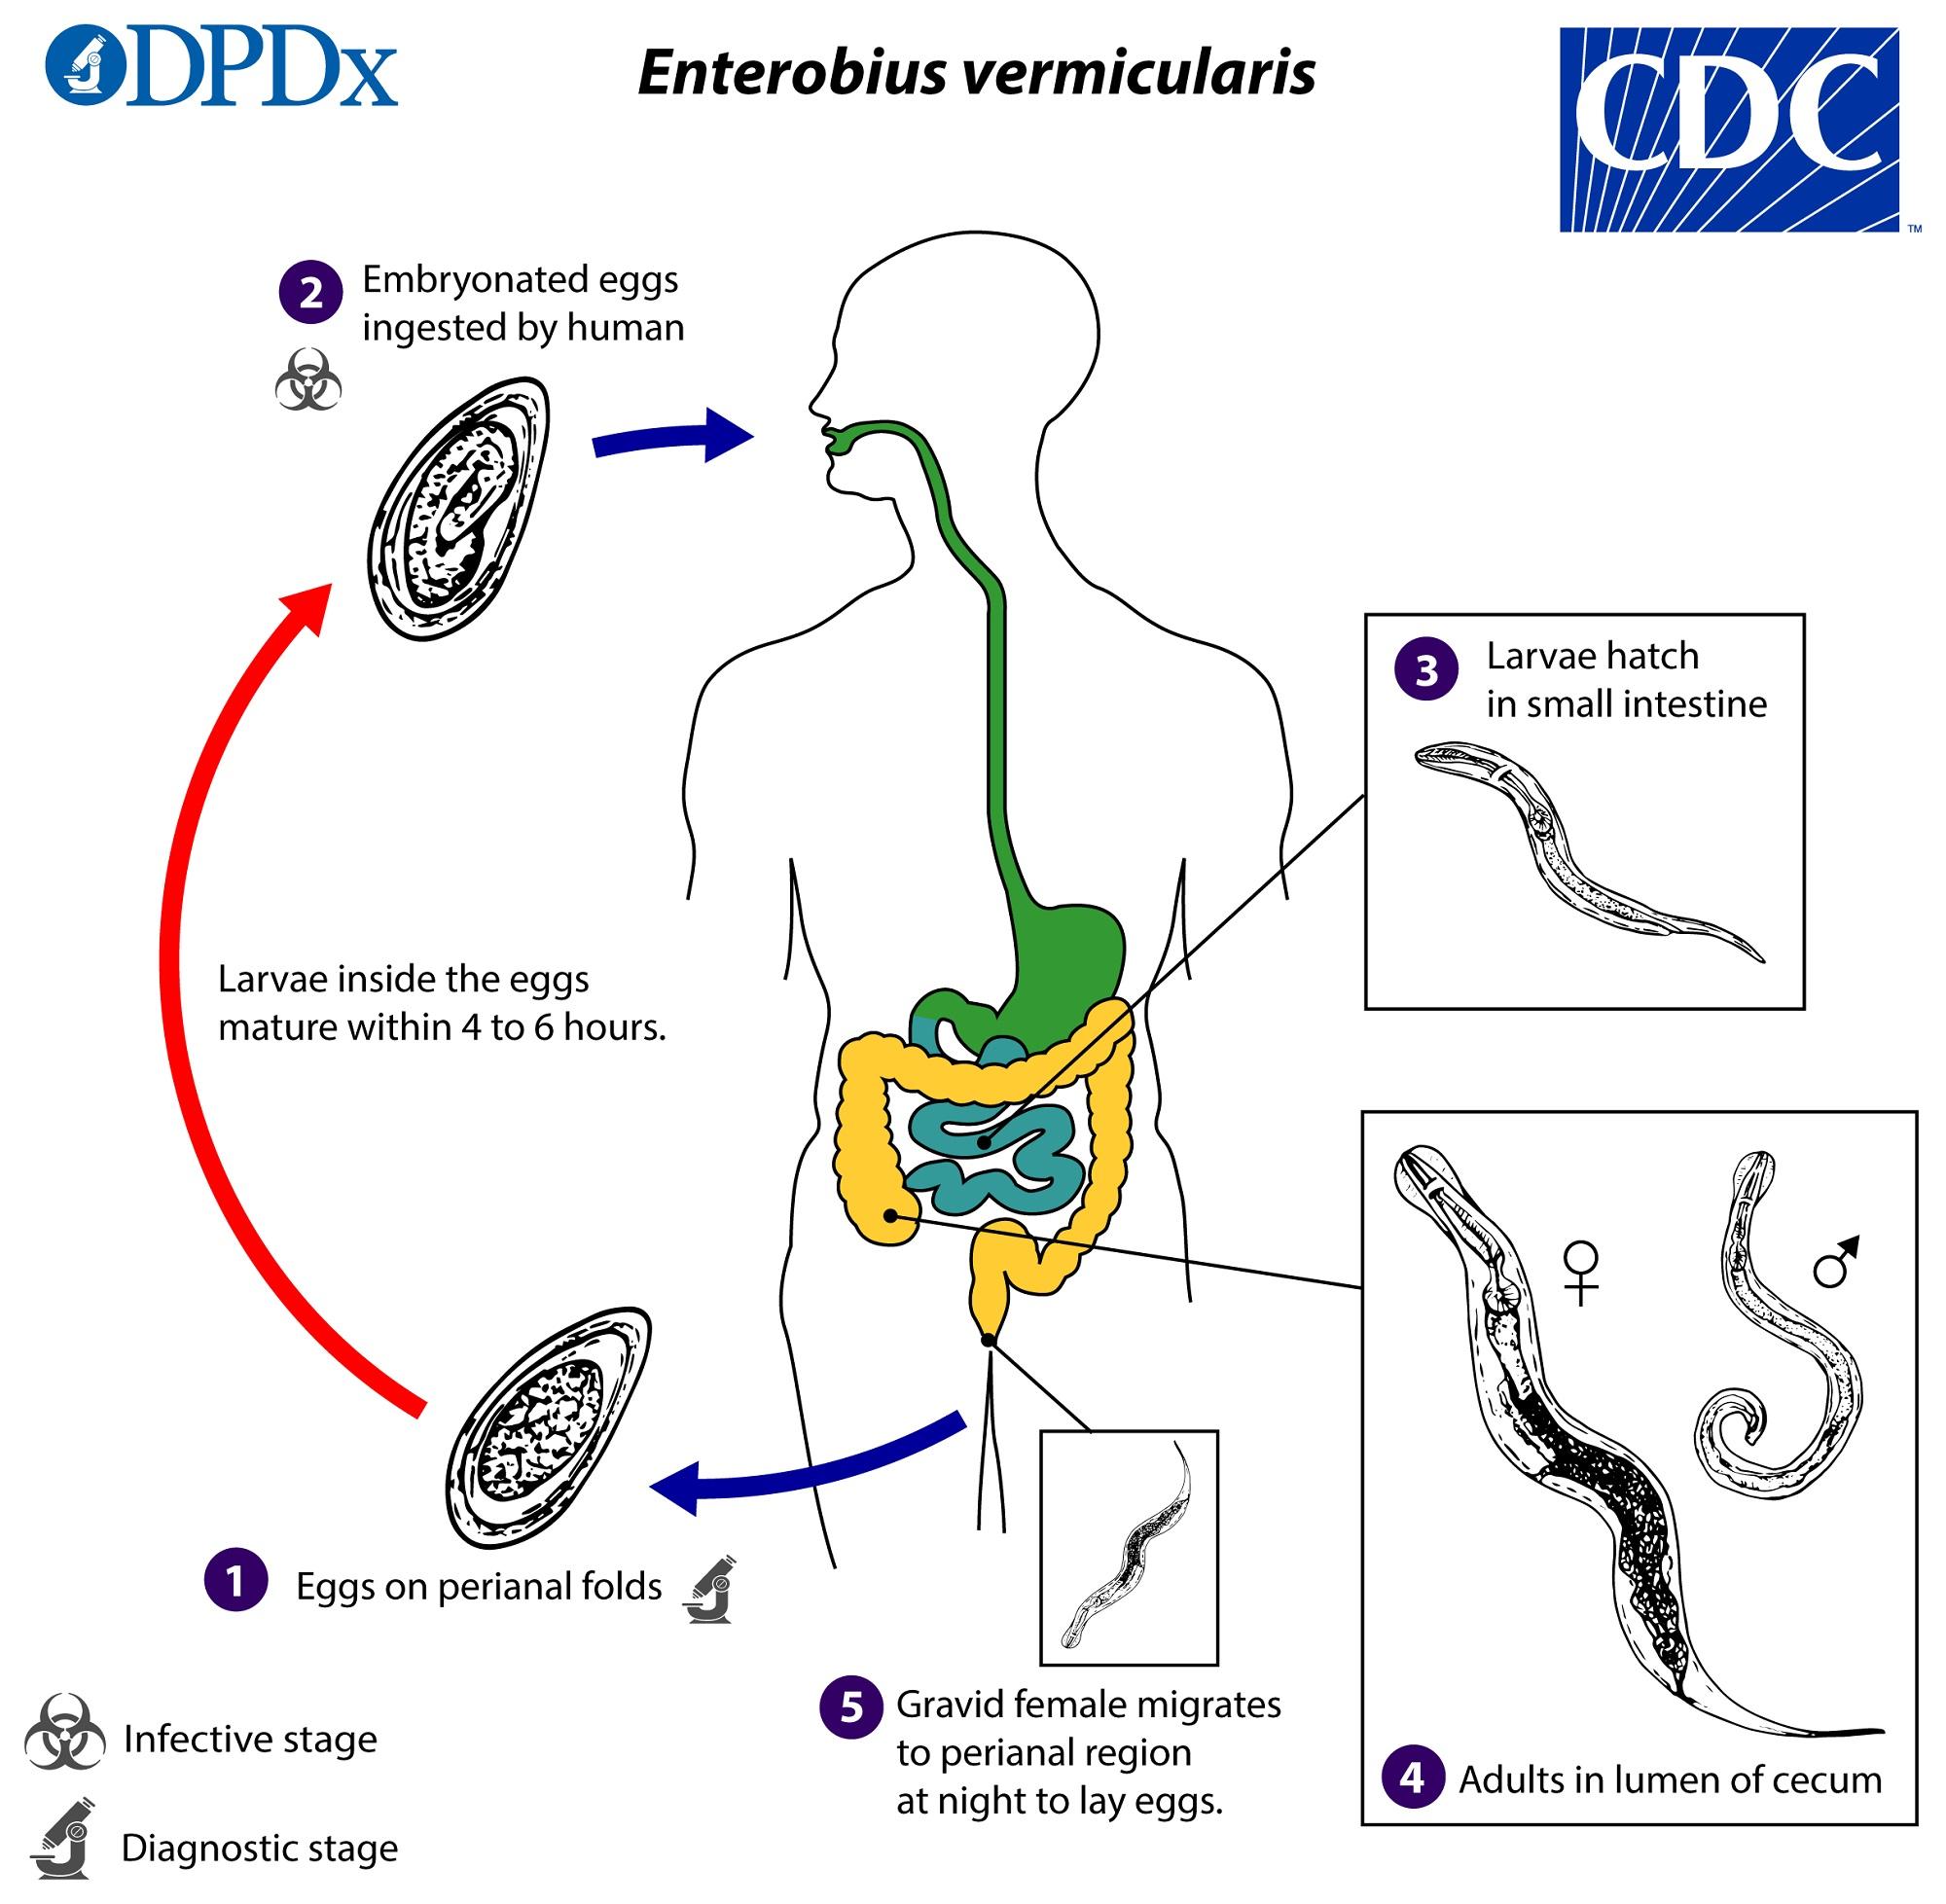 Enterobius vermicularis pathogenesis - csrb.ro